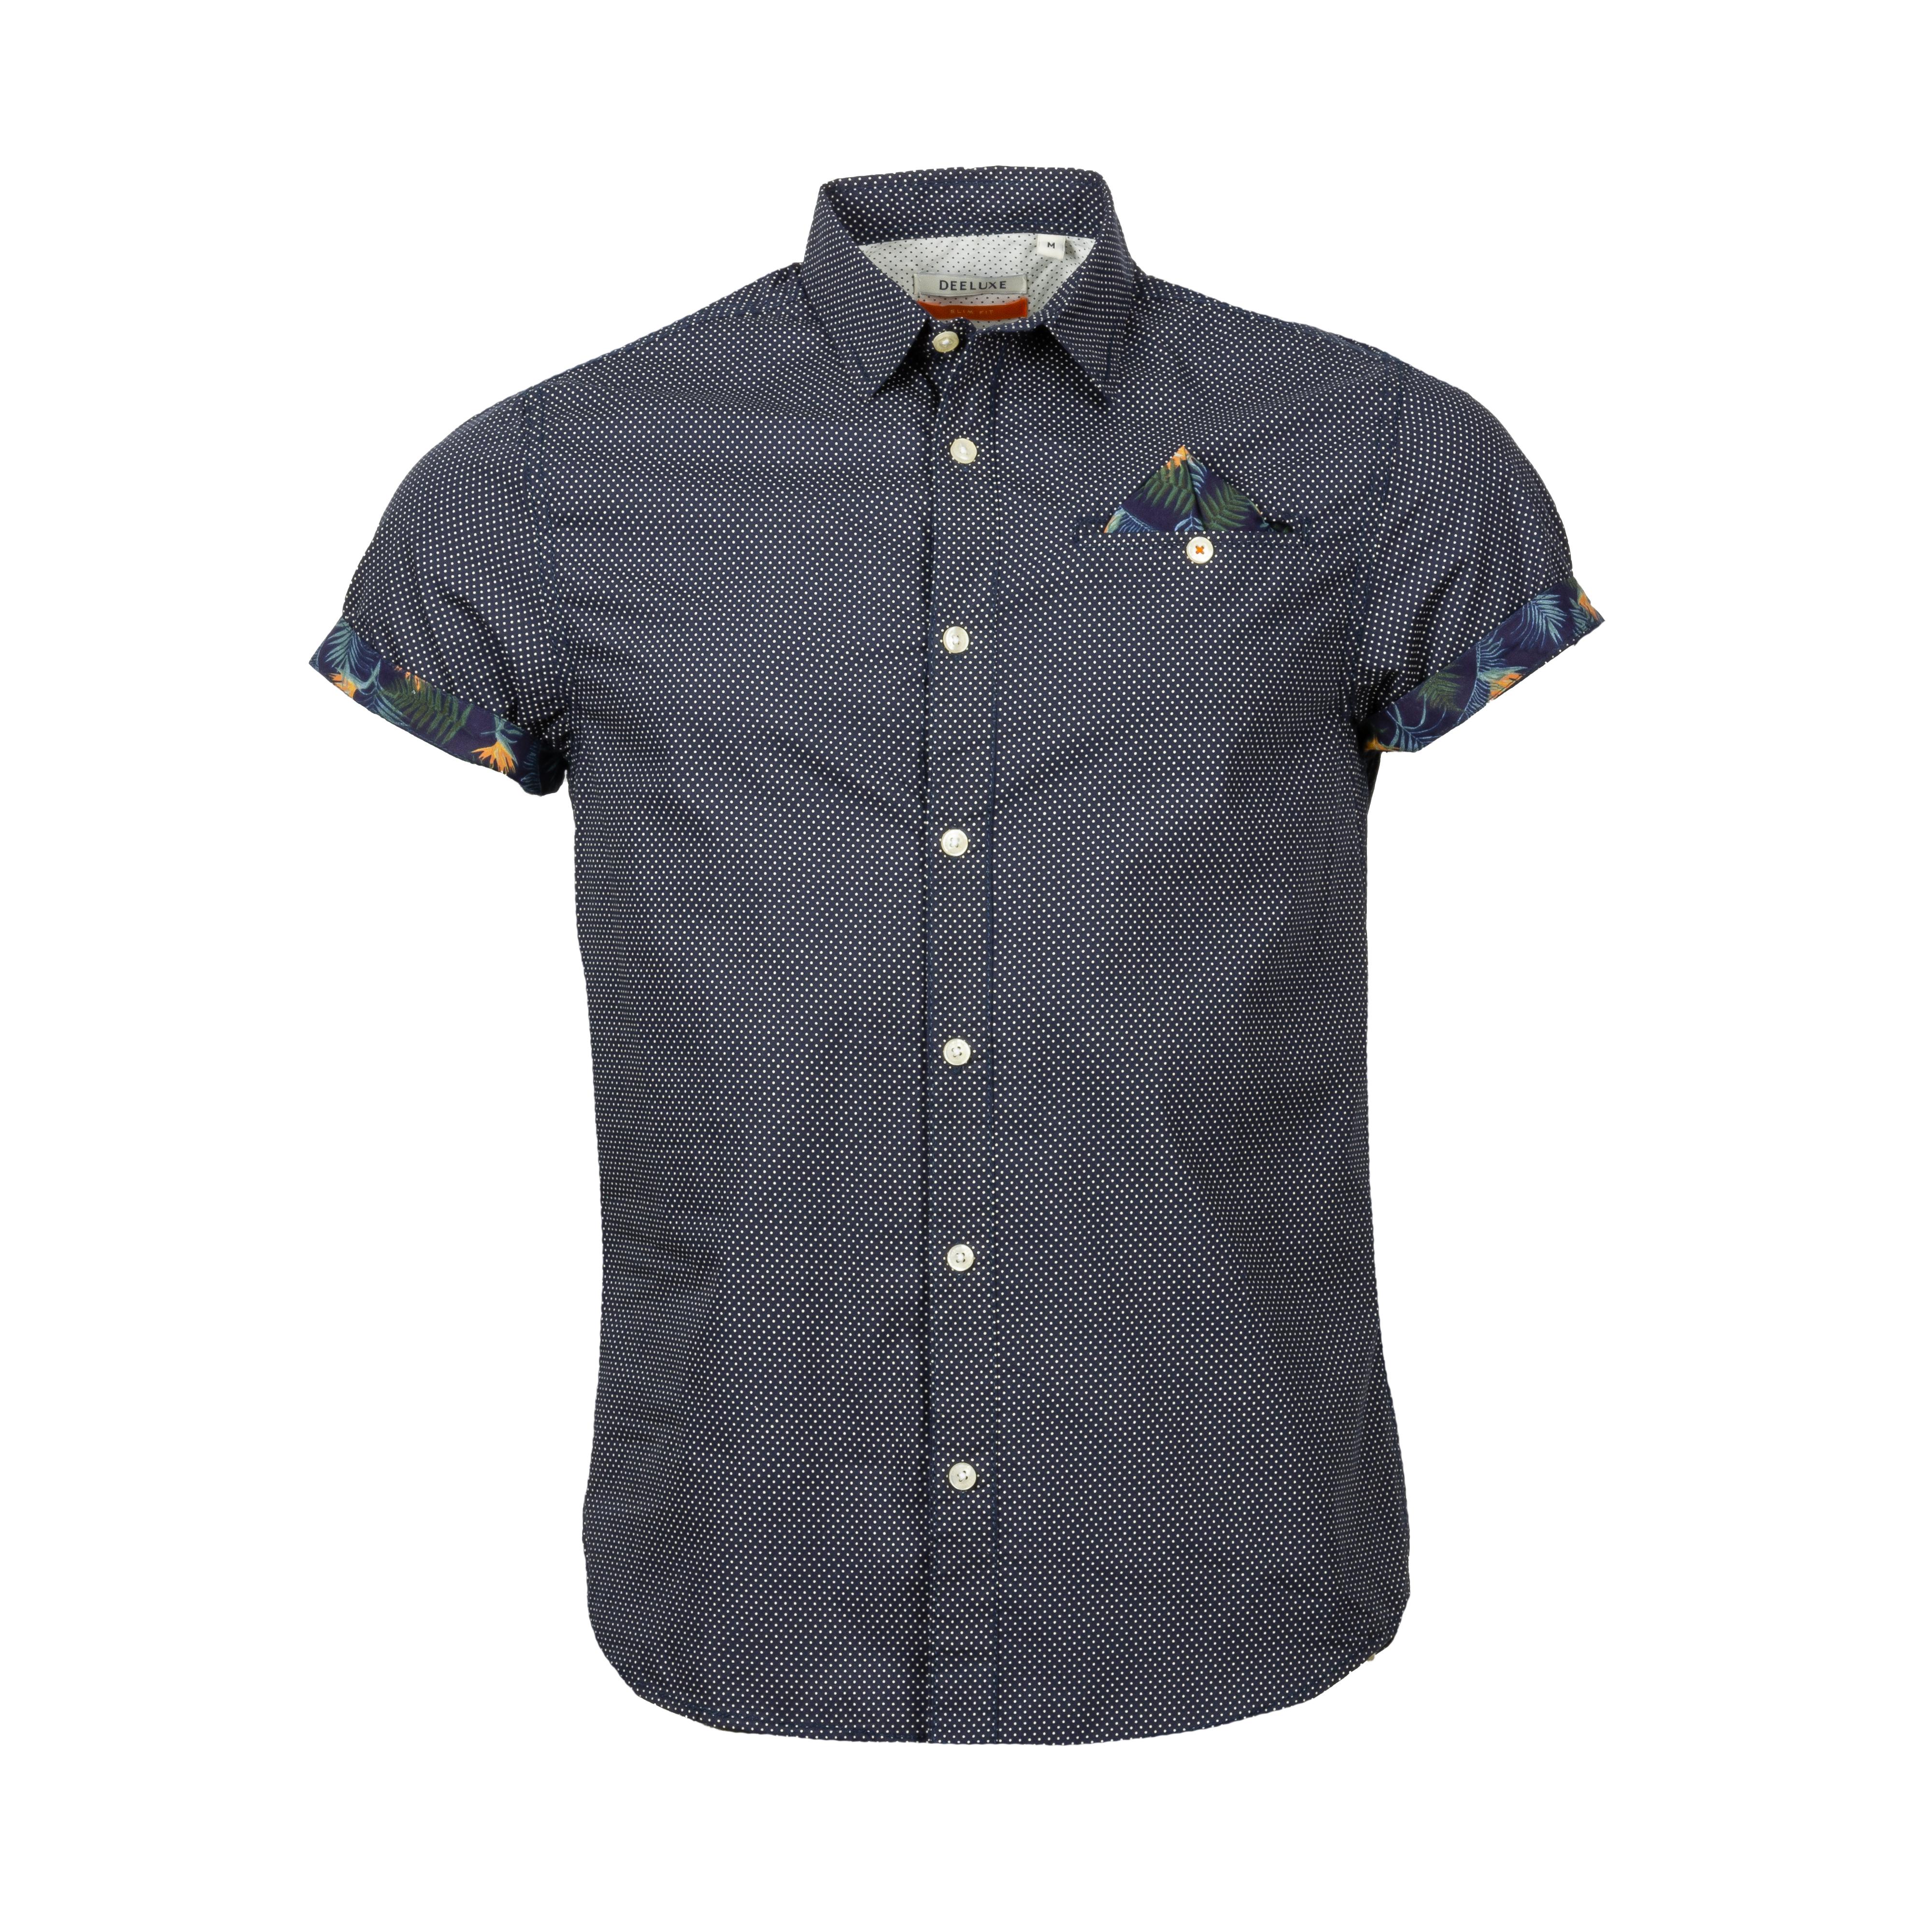 Chemise manches courtes coupe cintrée deeluxe feliz en coton bleu marine à micro motifs blancs